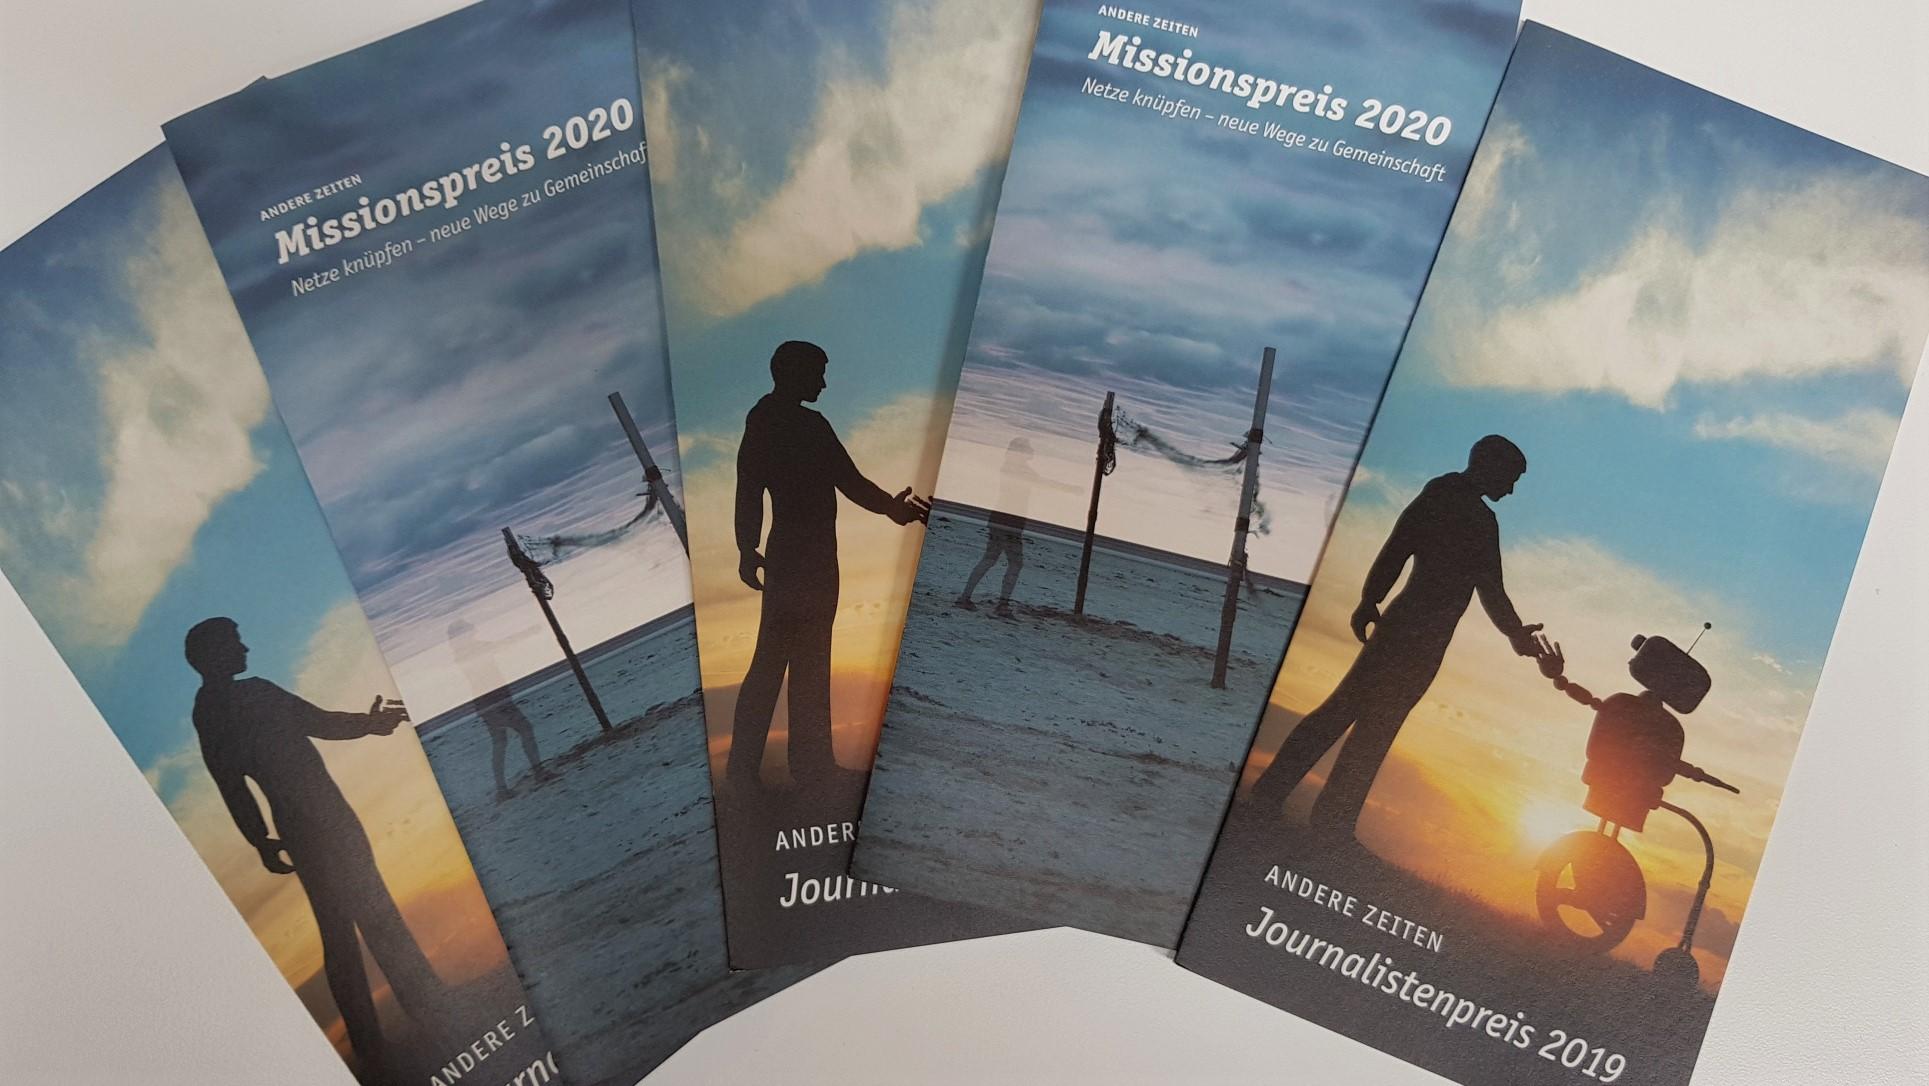 Blick von oben auf die Flyer zum Missions- und zum Journalistenpreis.